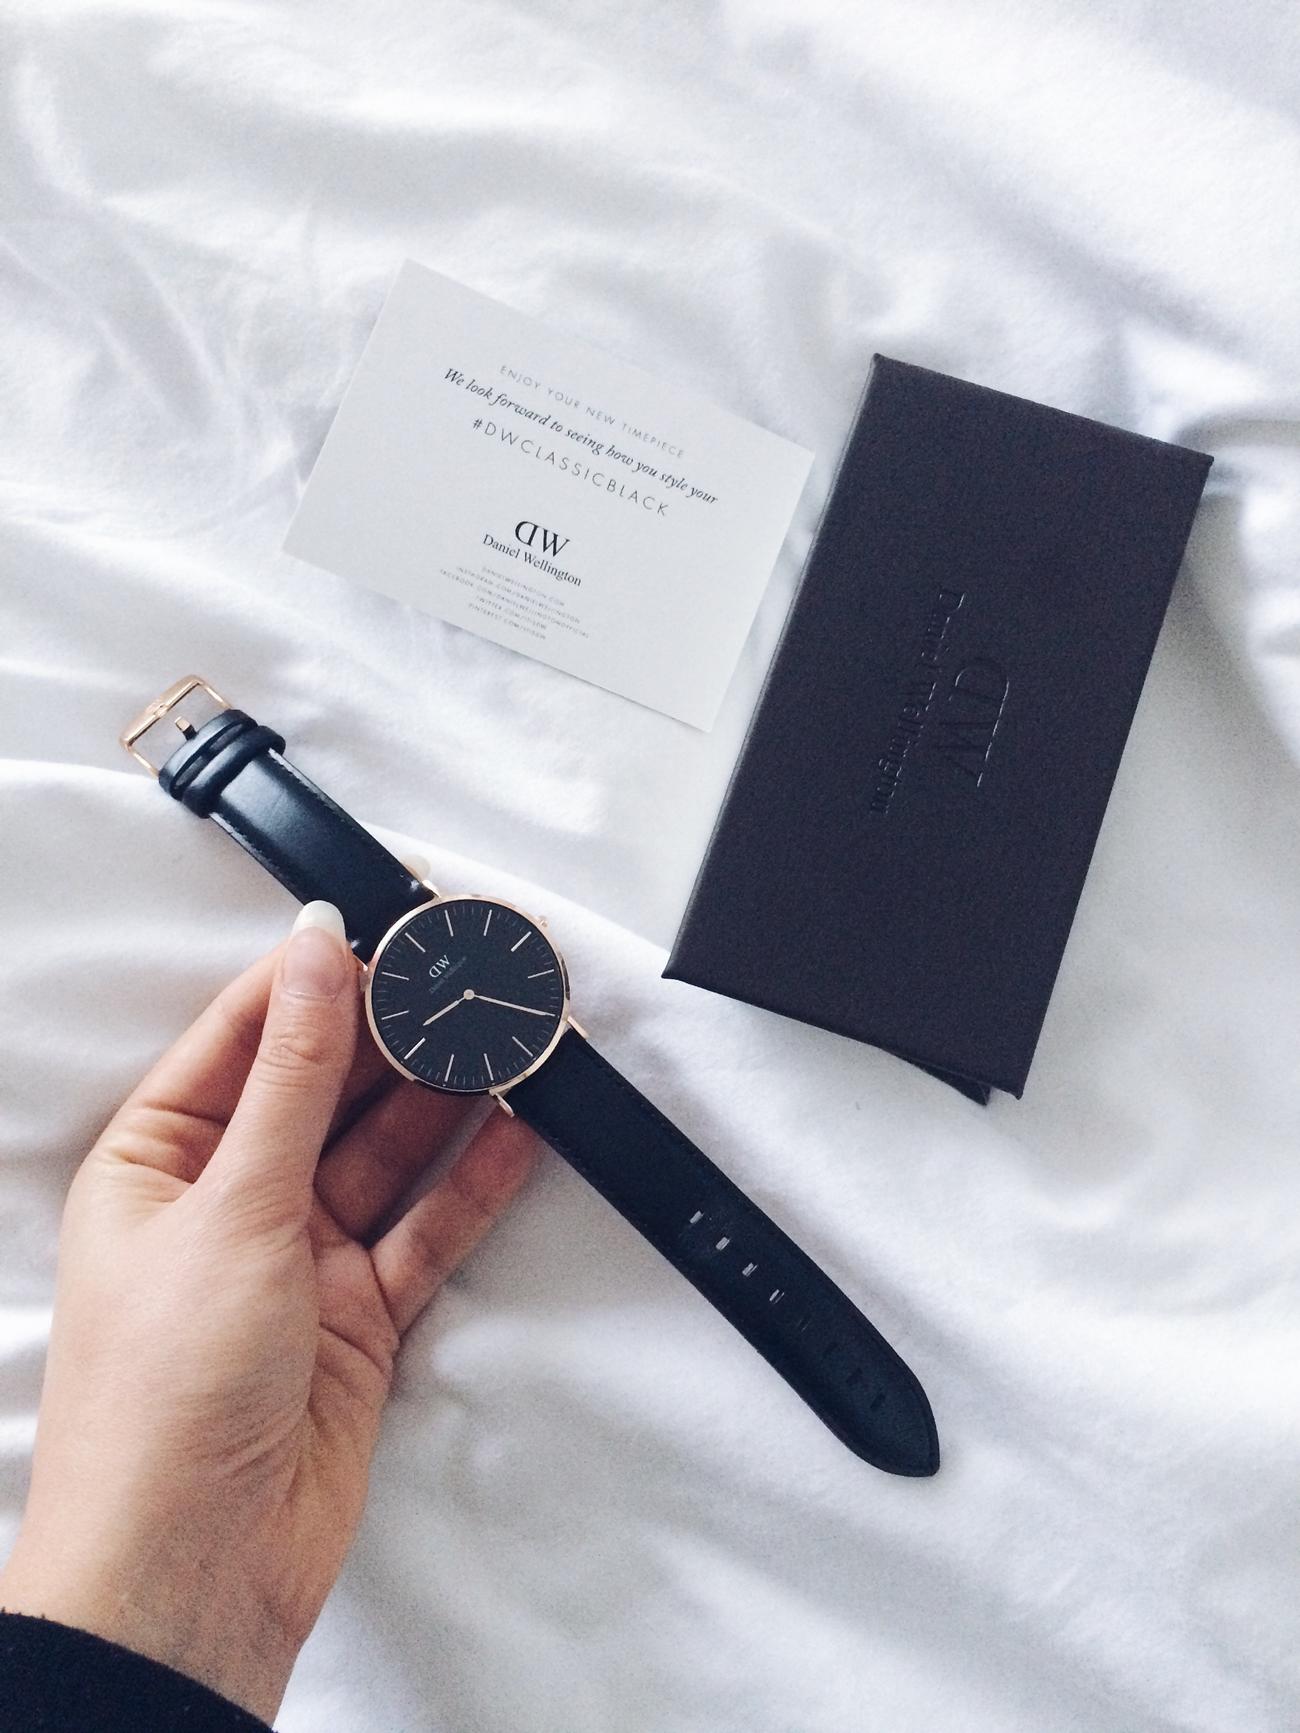 daniel wellington zegarek z czarną tarczą i skórzanym paskiem rabat zniżka kod rabatowy 15%